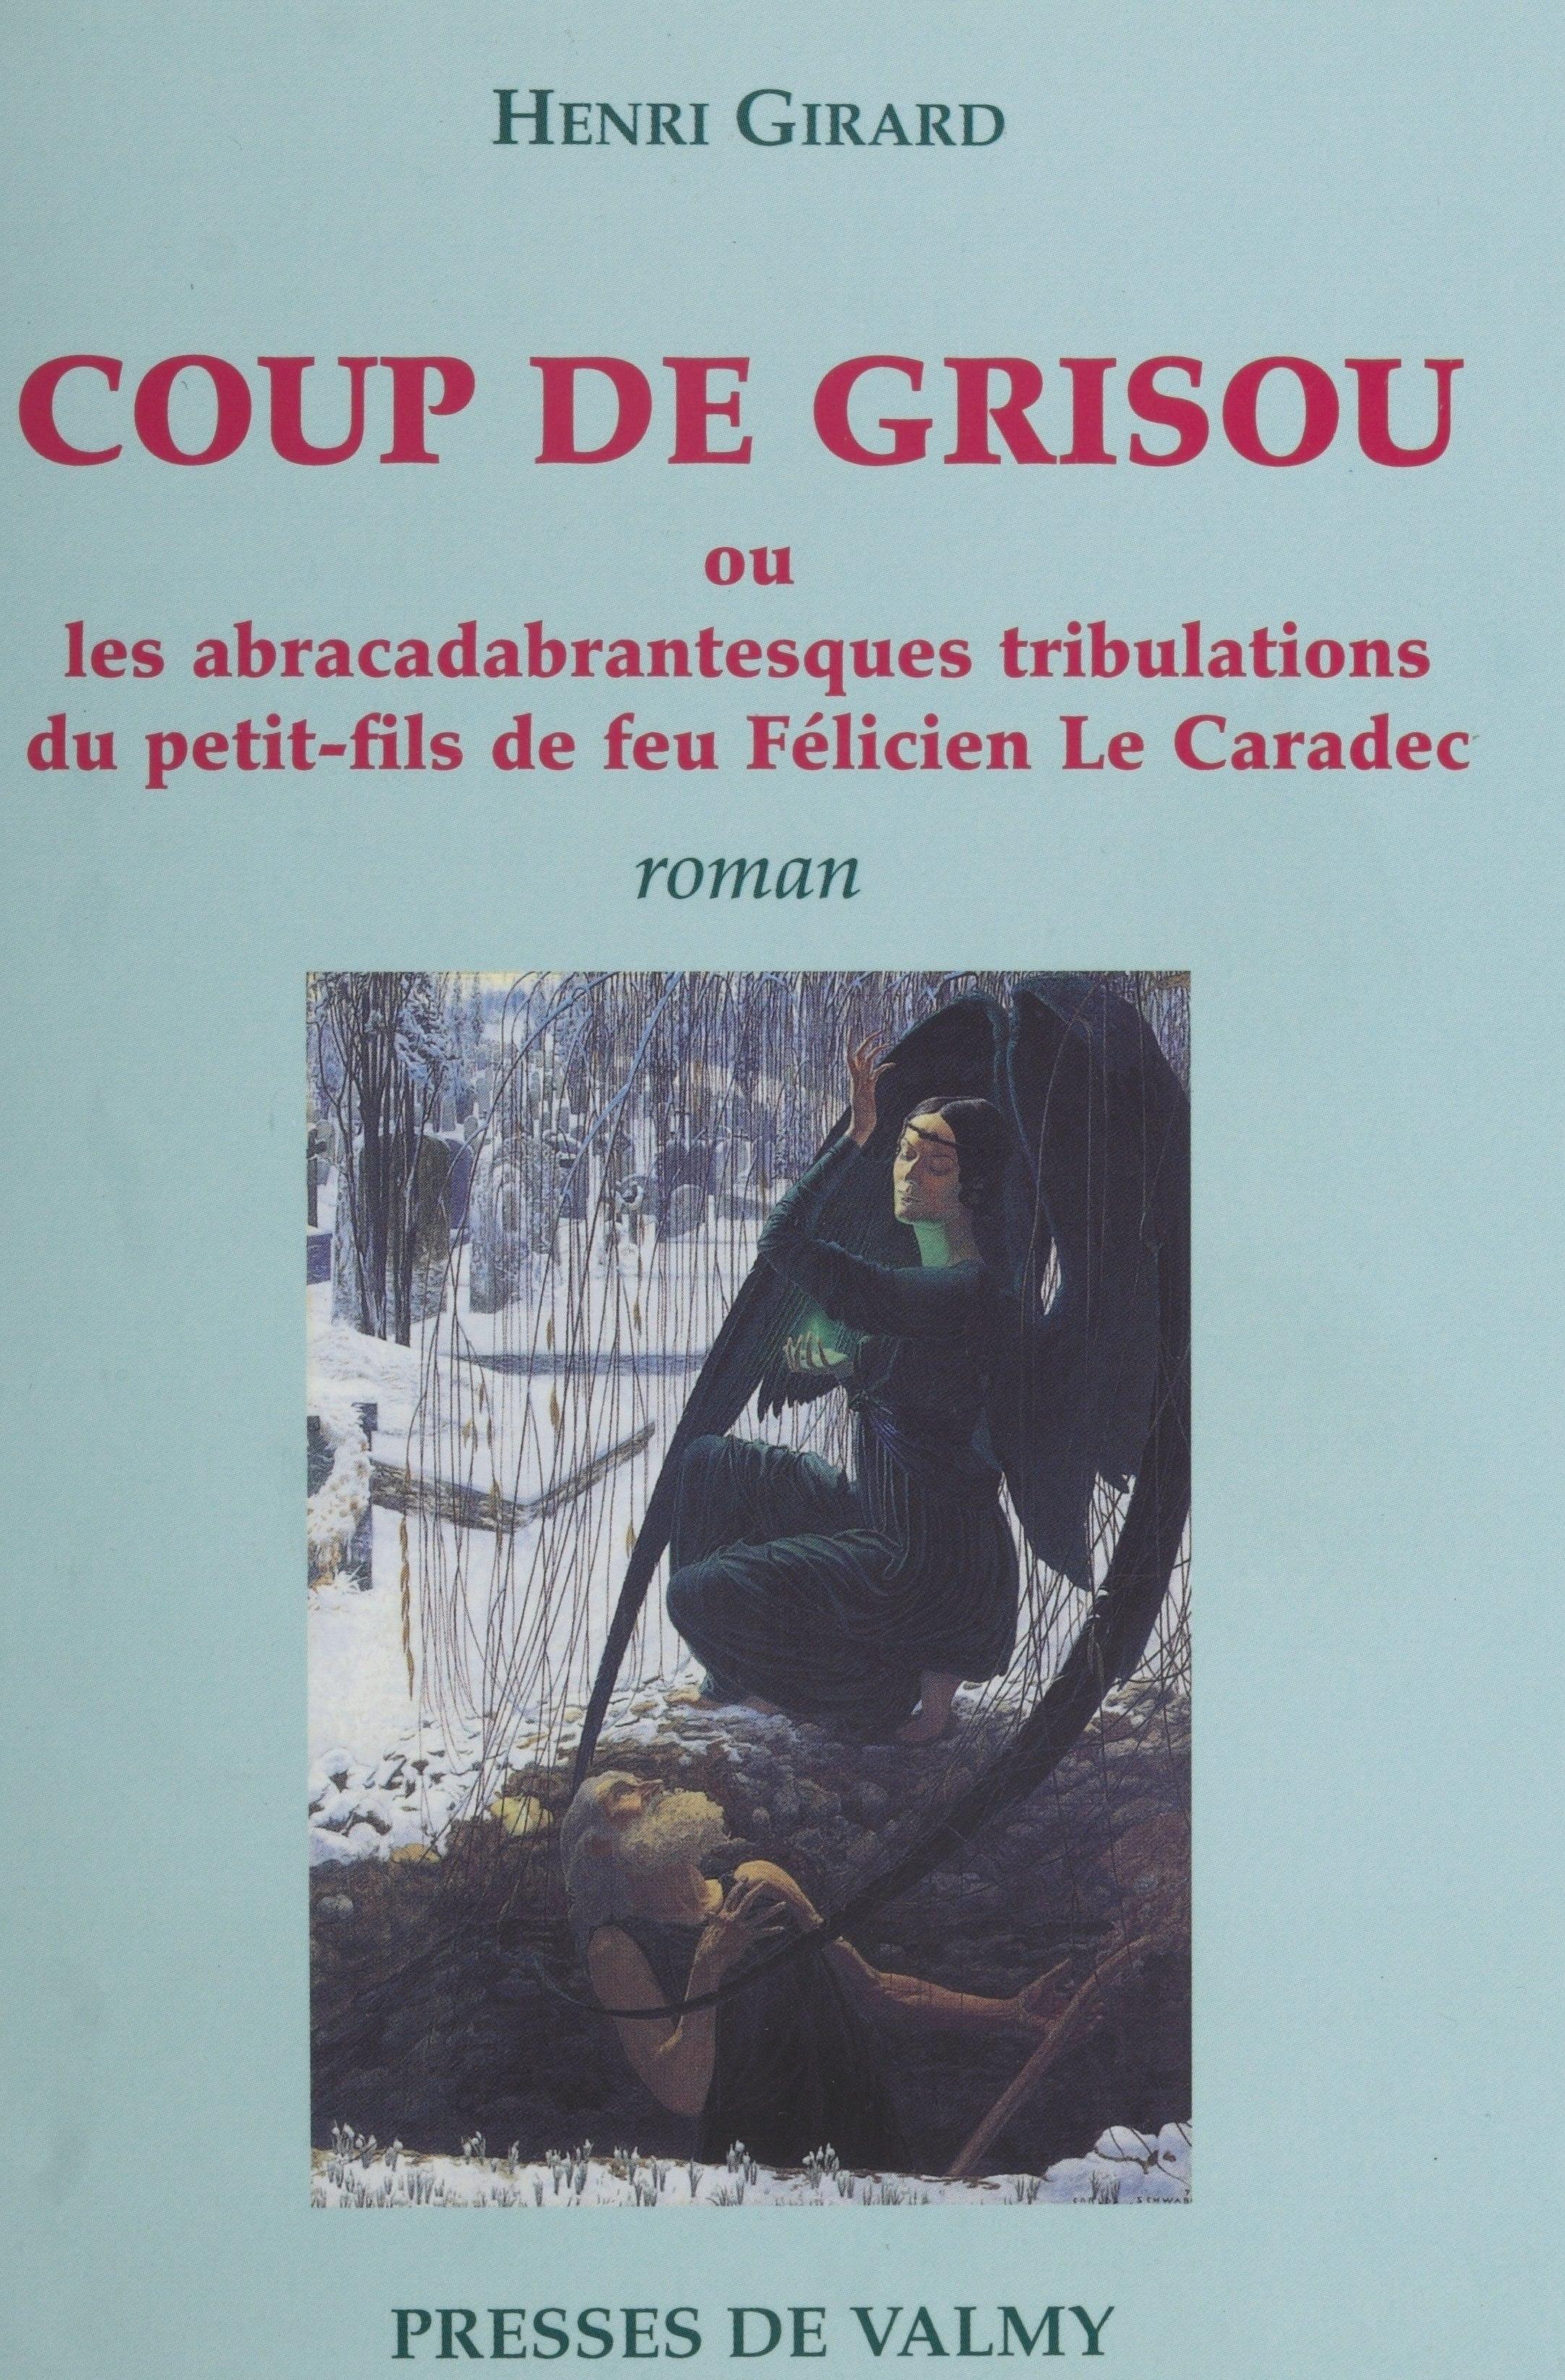 Coup de grisou ou Les abracadabrantesques tribulations du petit-fils de feu Félicien Le Caradec